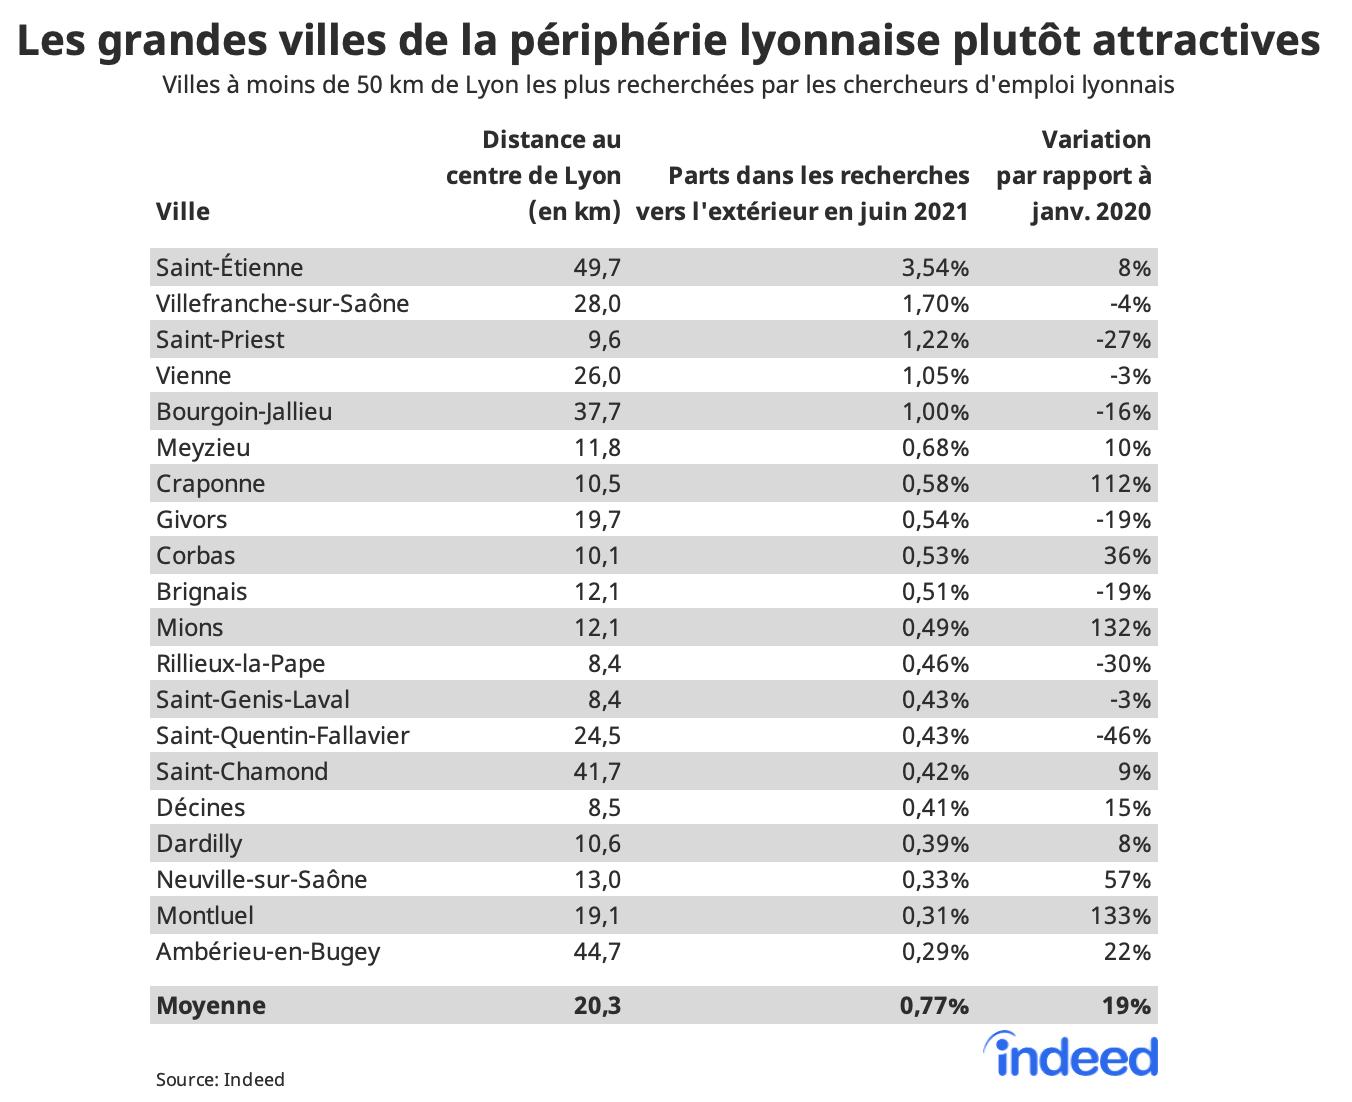 Le tableau figure les villes à moins de 50 km de Lyon les plus recherchées par les chercheurs d'emploi lyonnais. Les colonnes affichent la distance des villes au centre de Lyon (en km), la part de la ville dans les recherches en dehors de Lyon en juin 2021 et la variation de cette part par rapport à janvier 2020, en %.